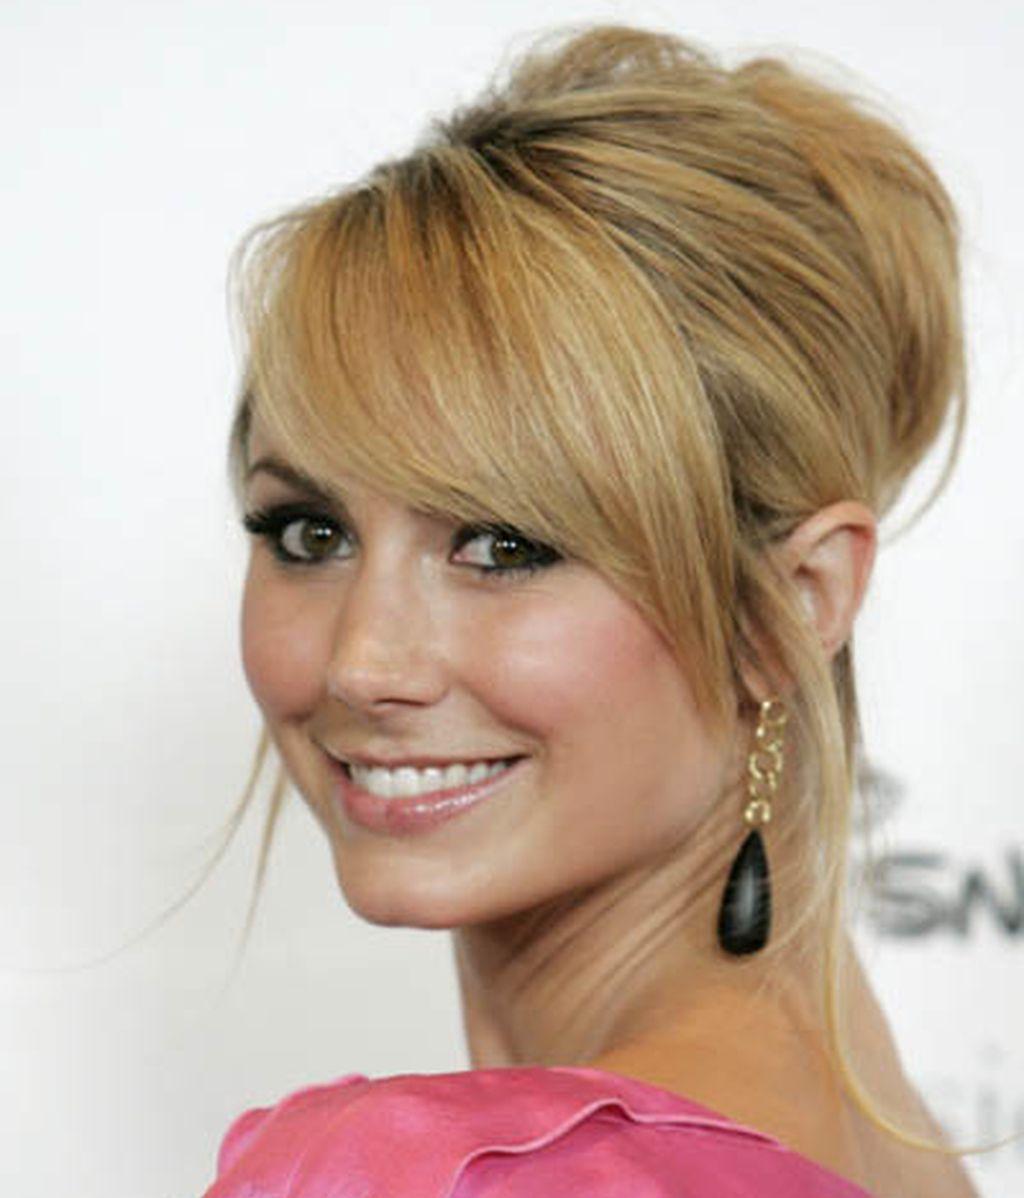 La actriz norteamericana Stacy Keibler